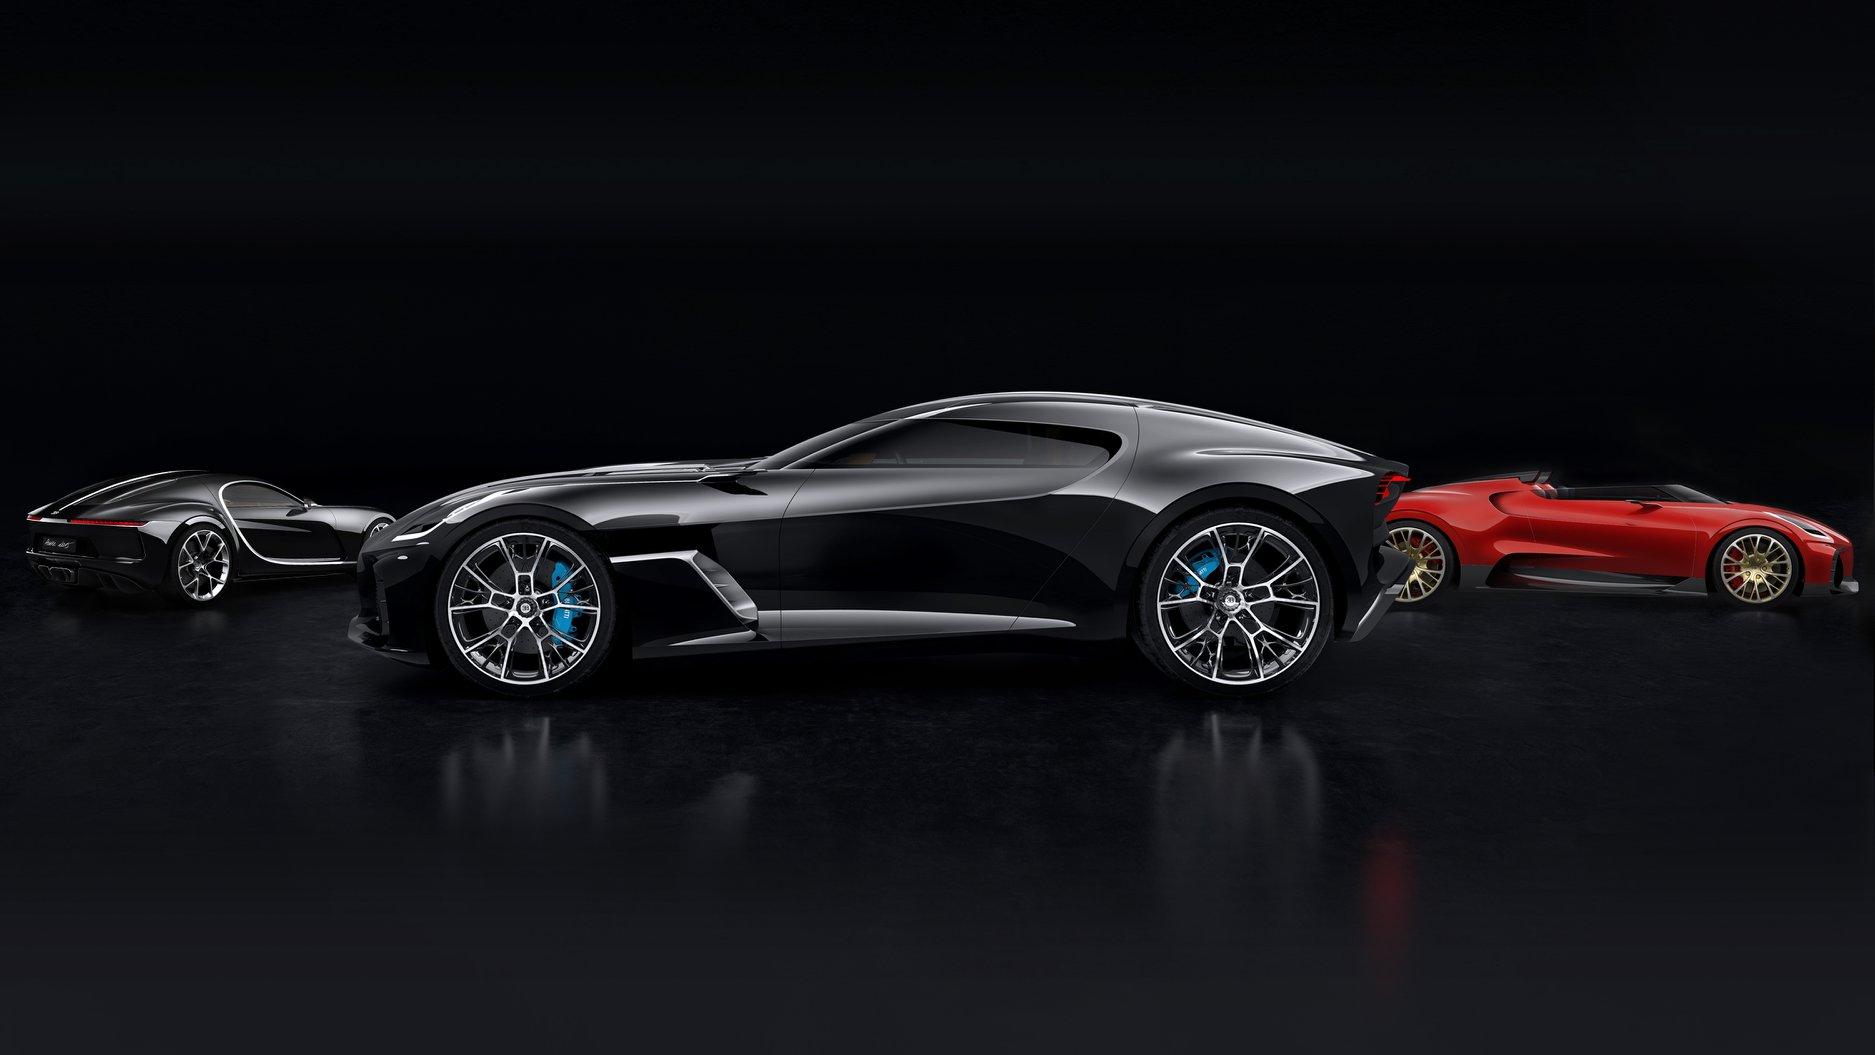 Bugatti-Atlantic-2015-Veyron-Barchetta-W16-Coupe-concepts